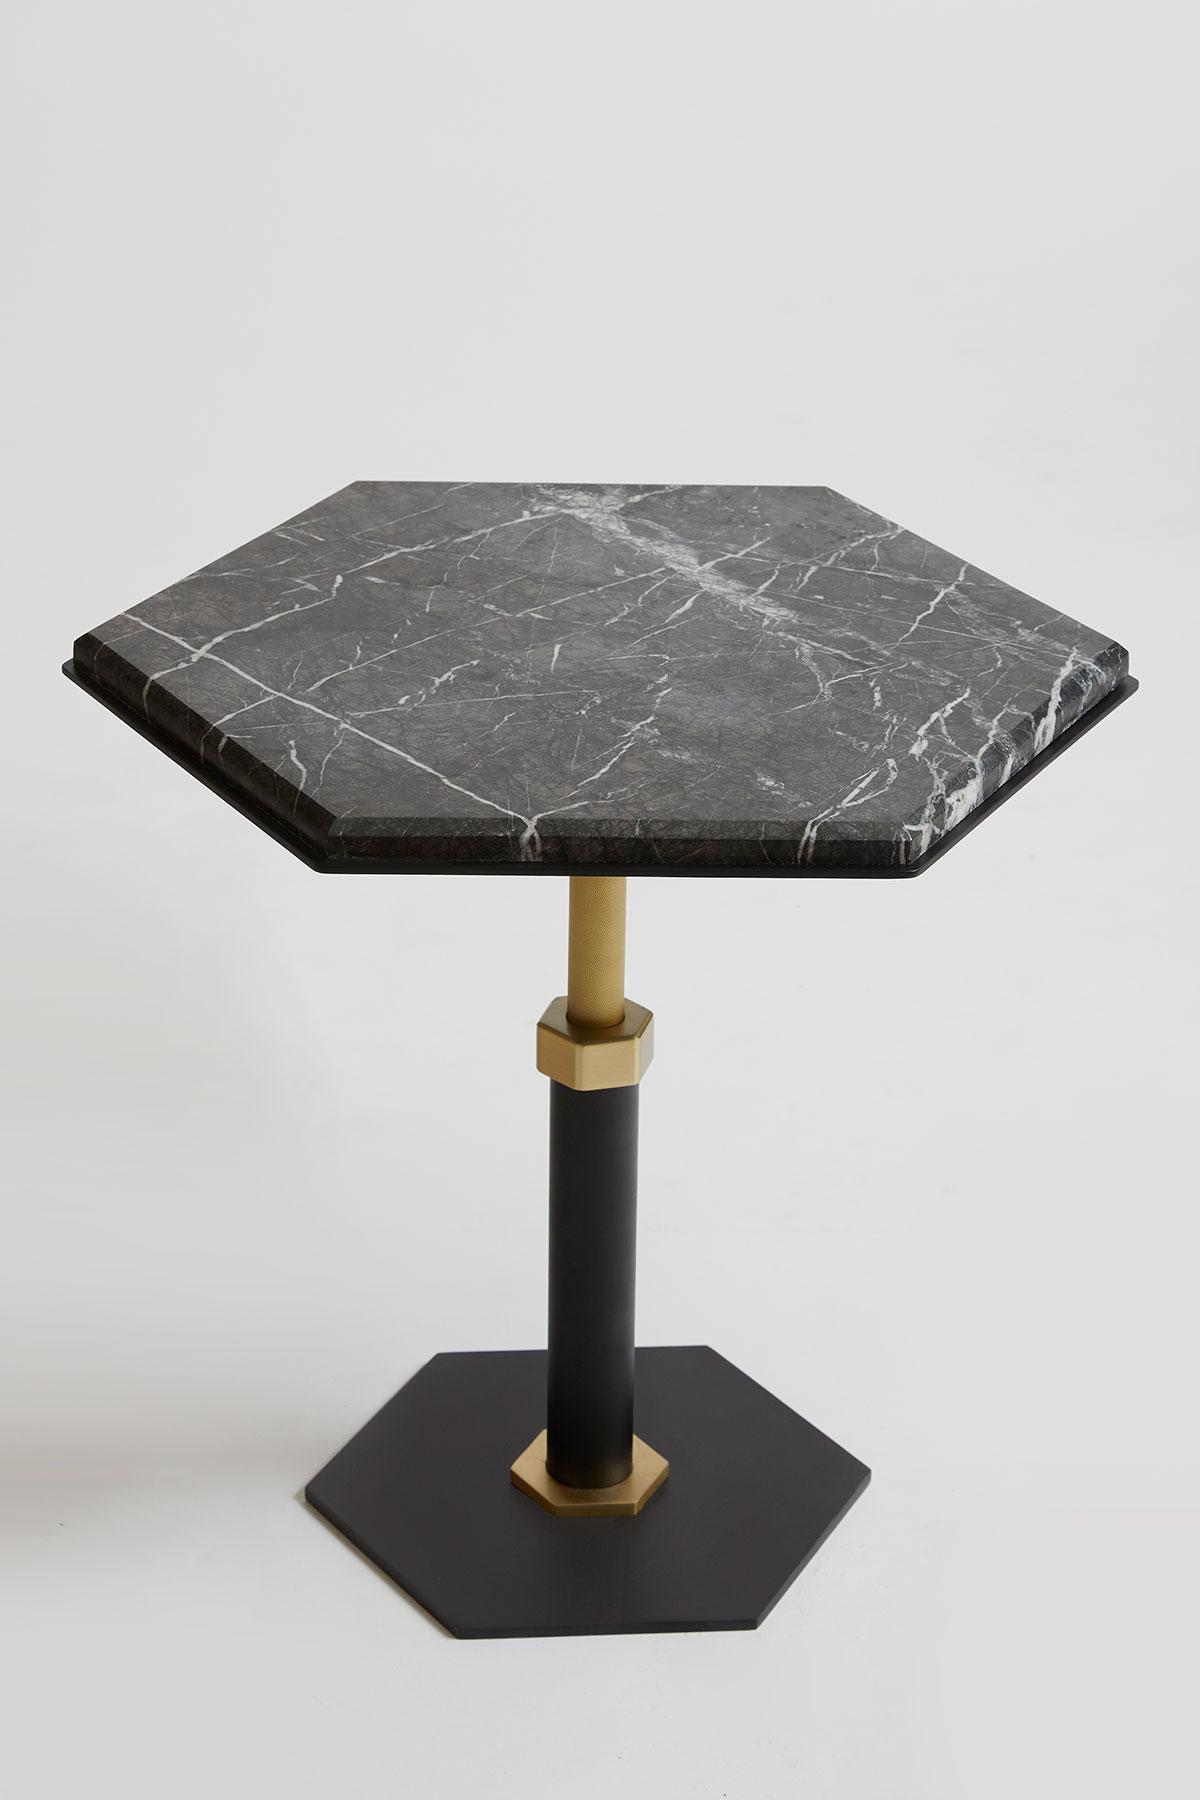 Gabriel scott pedestal